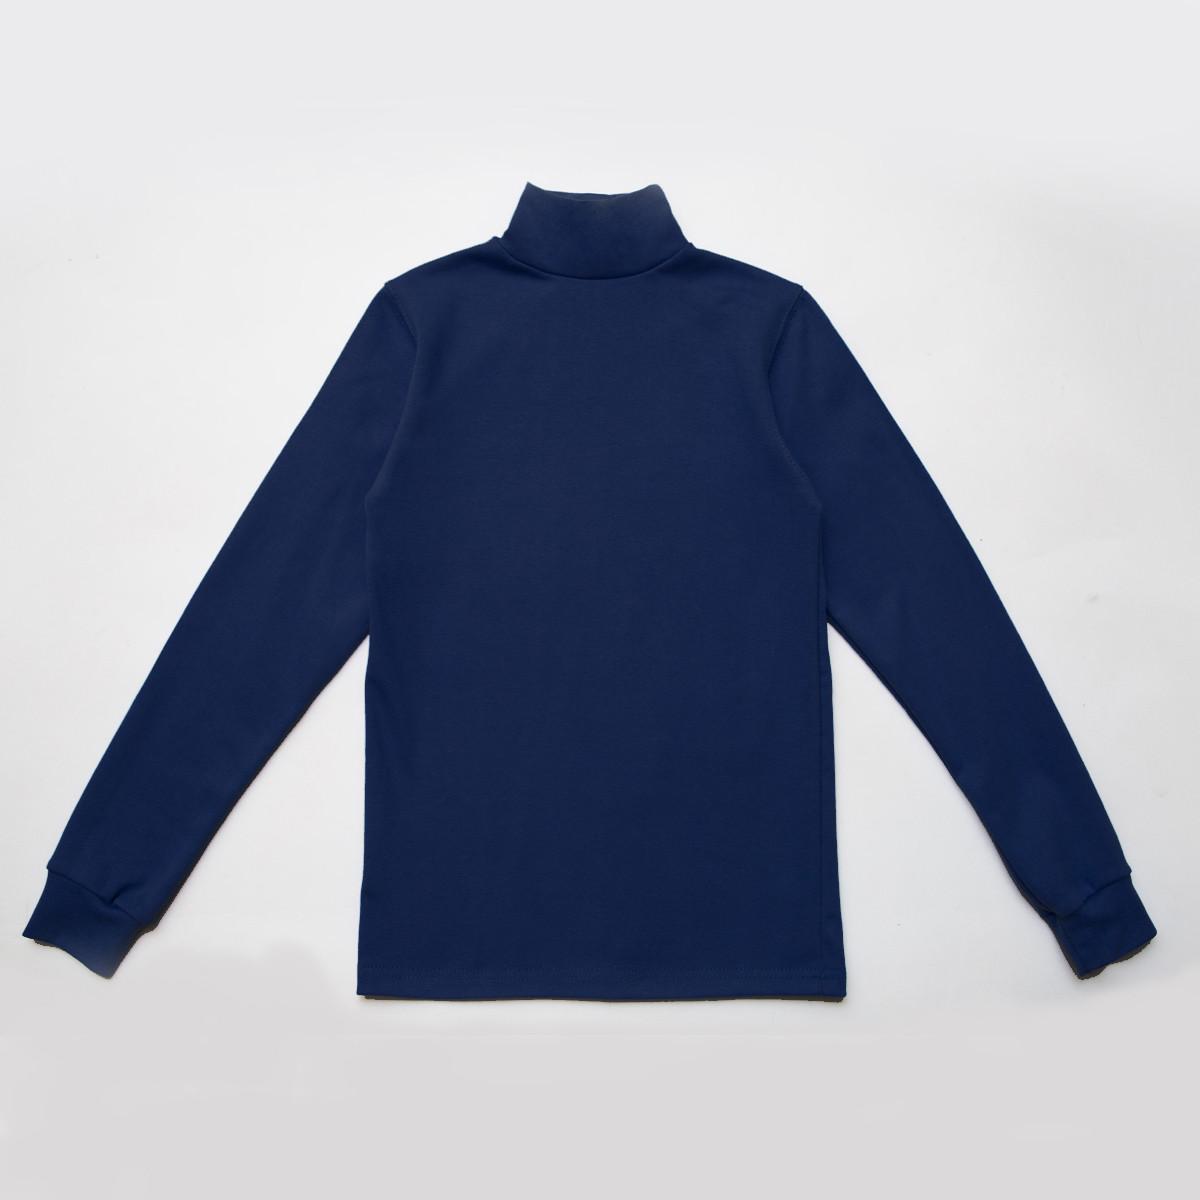 Водолазка детская синяя SmileTime классическая Classic, темно-синяя